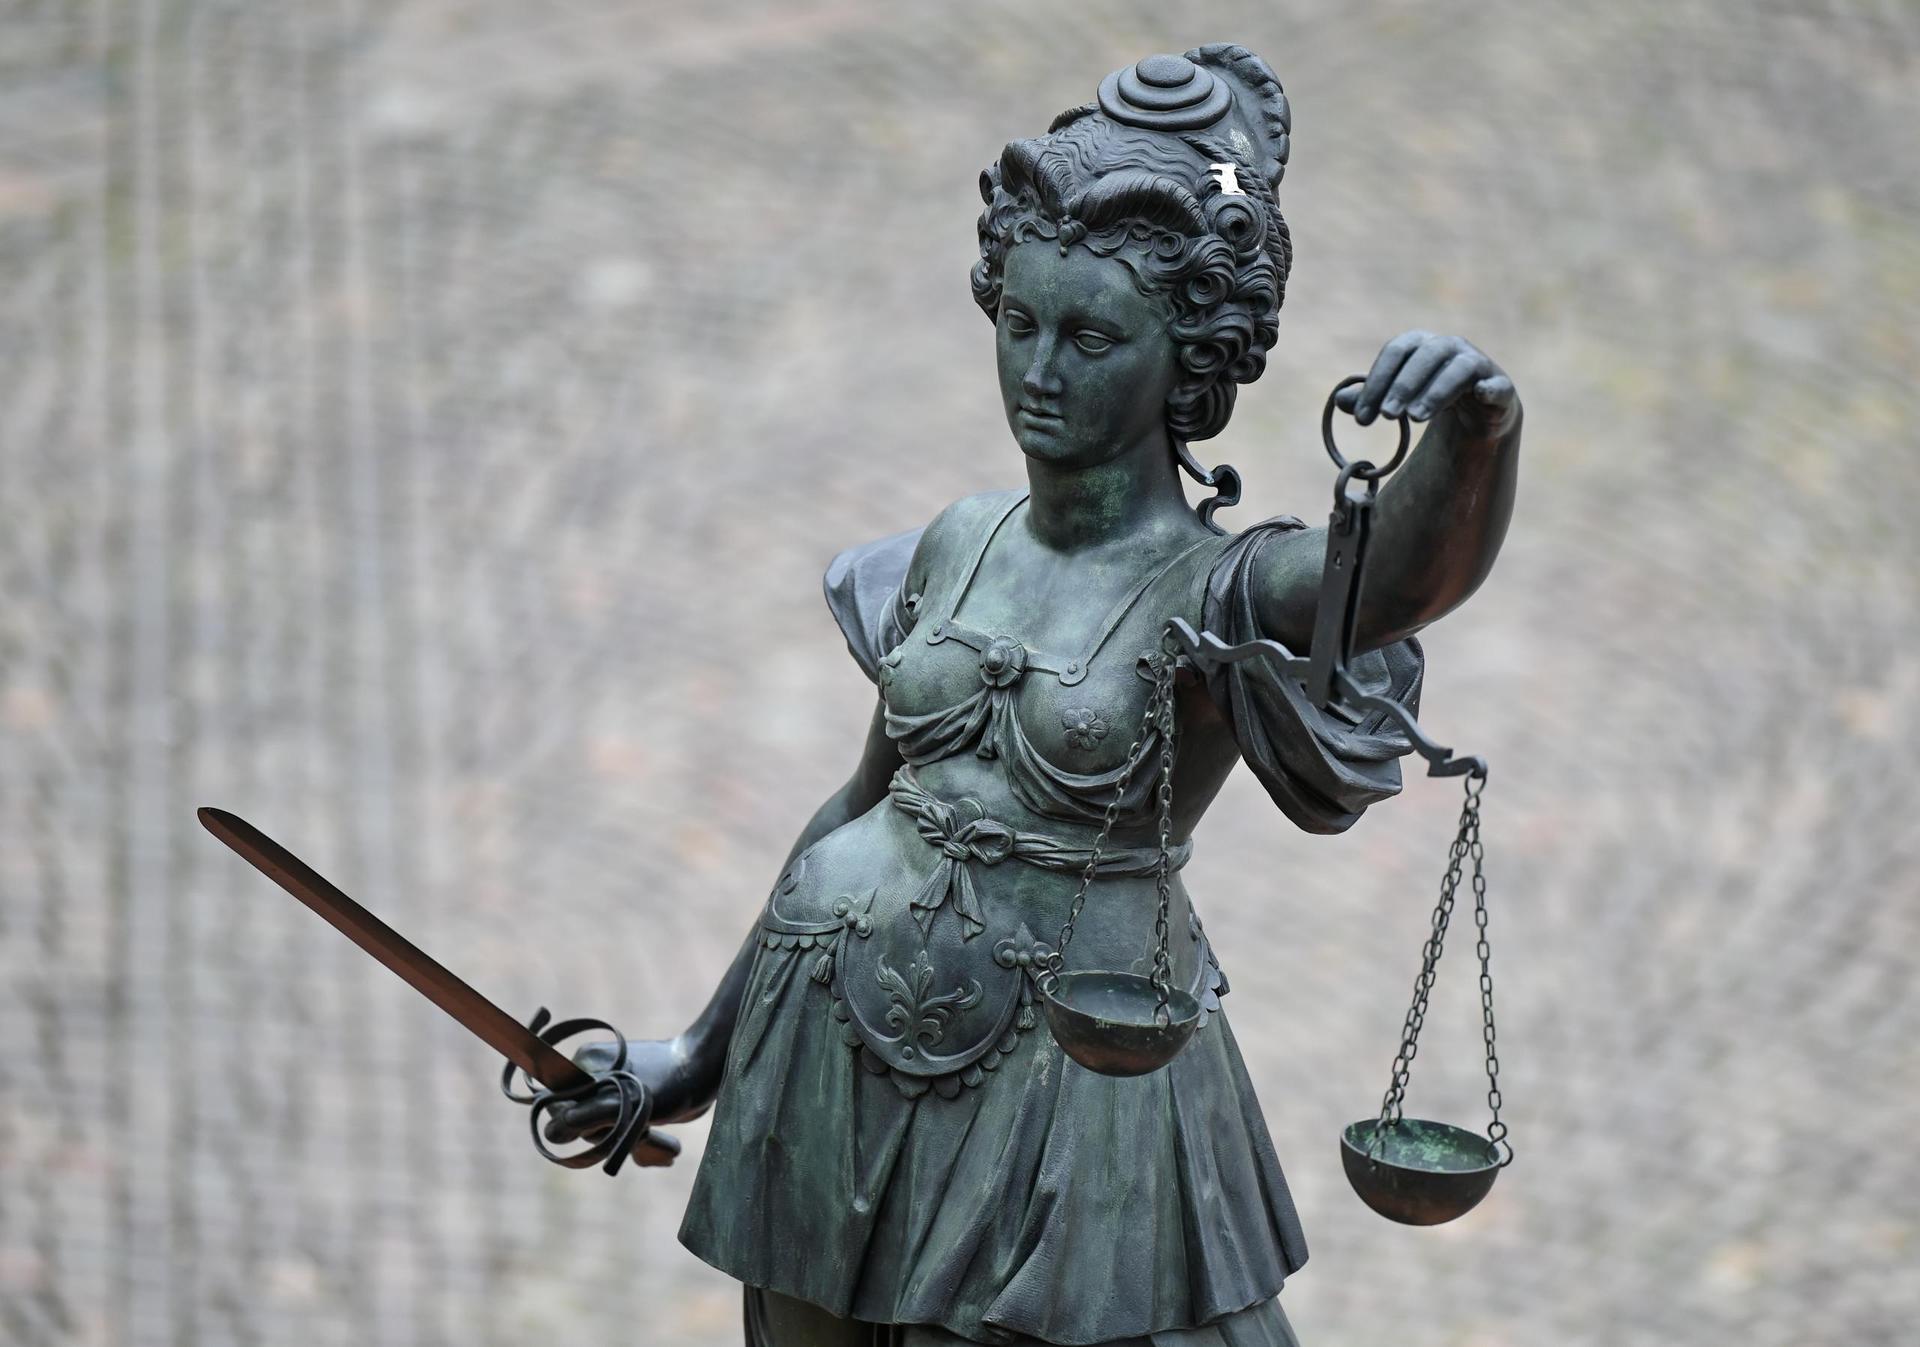 Nach Verurteilung wegen Doppelmordes: Revision beantragt Landgericht Regensburg